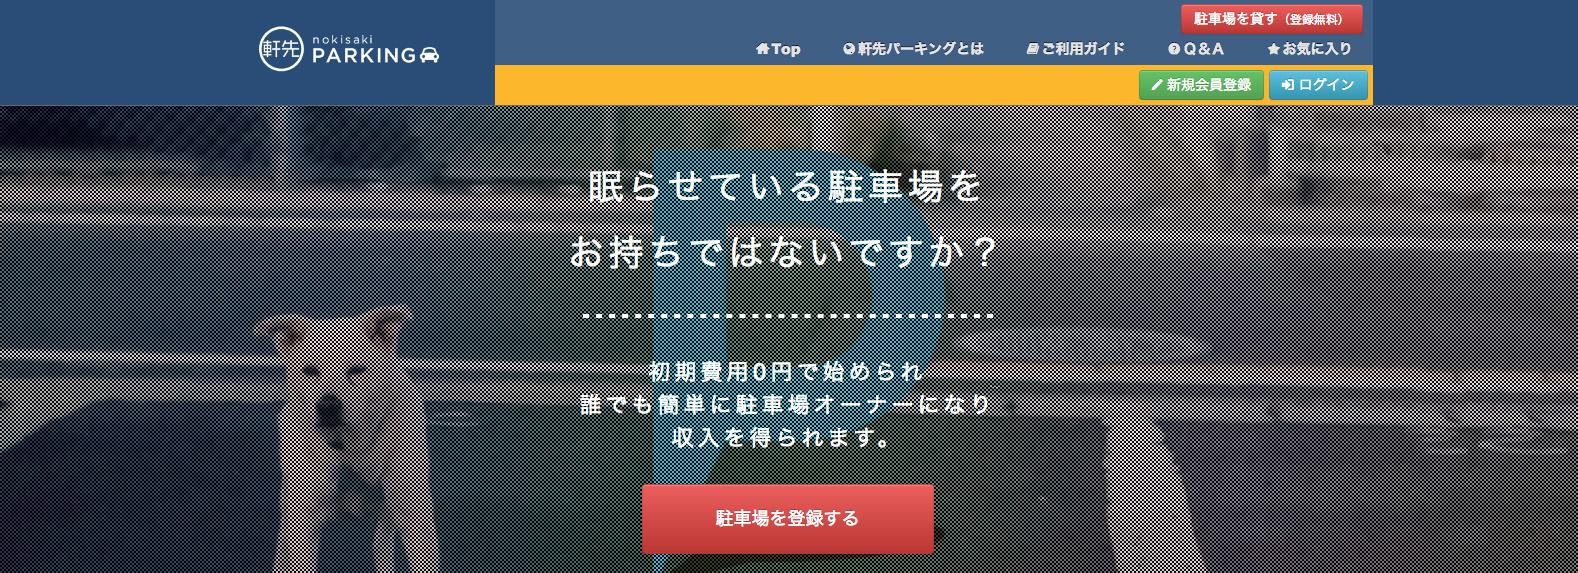 hukugyou_ranking6